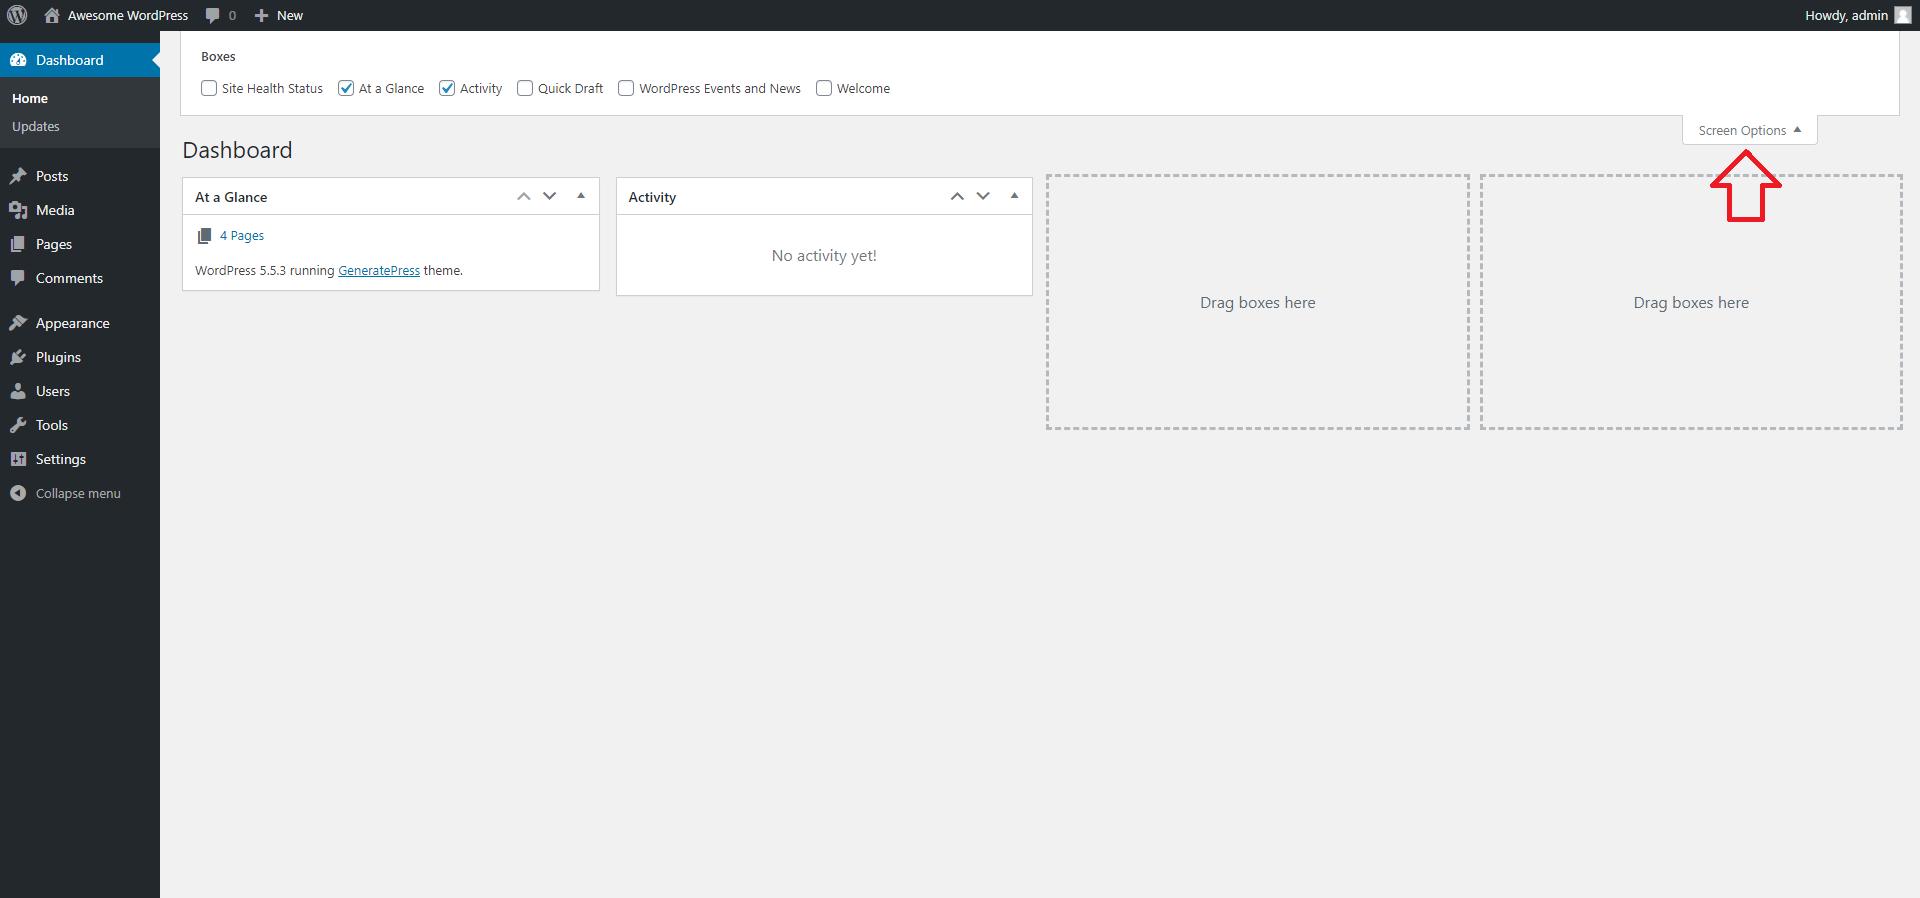 WordPress Dashboard Home Screen Options